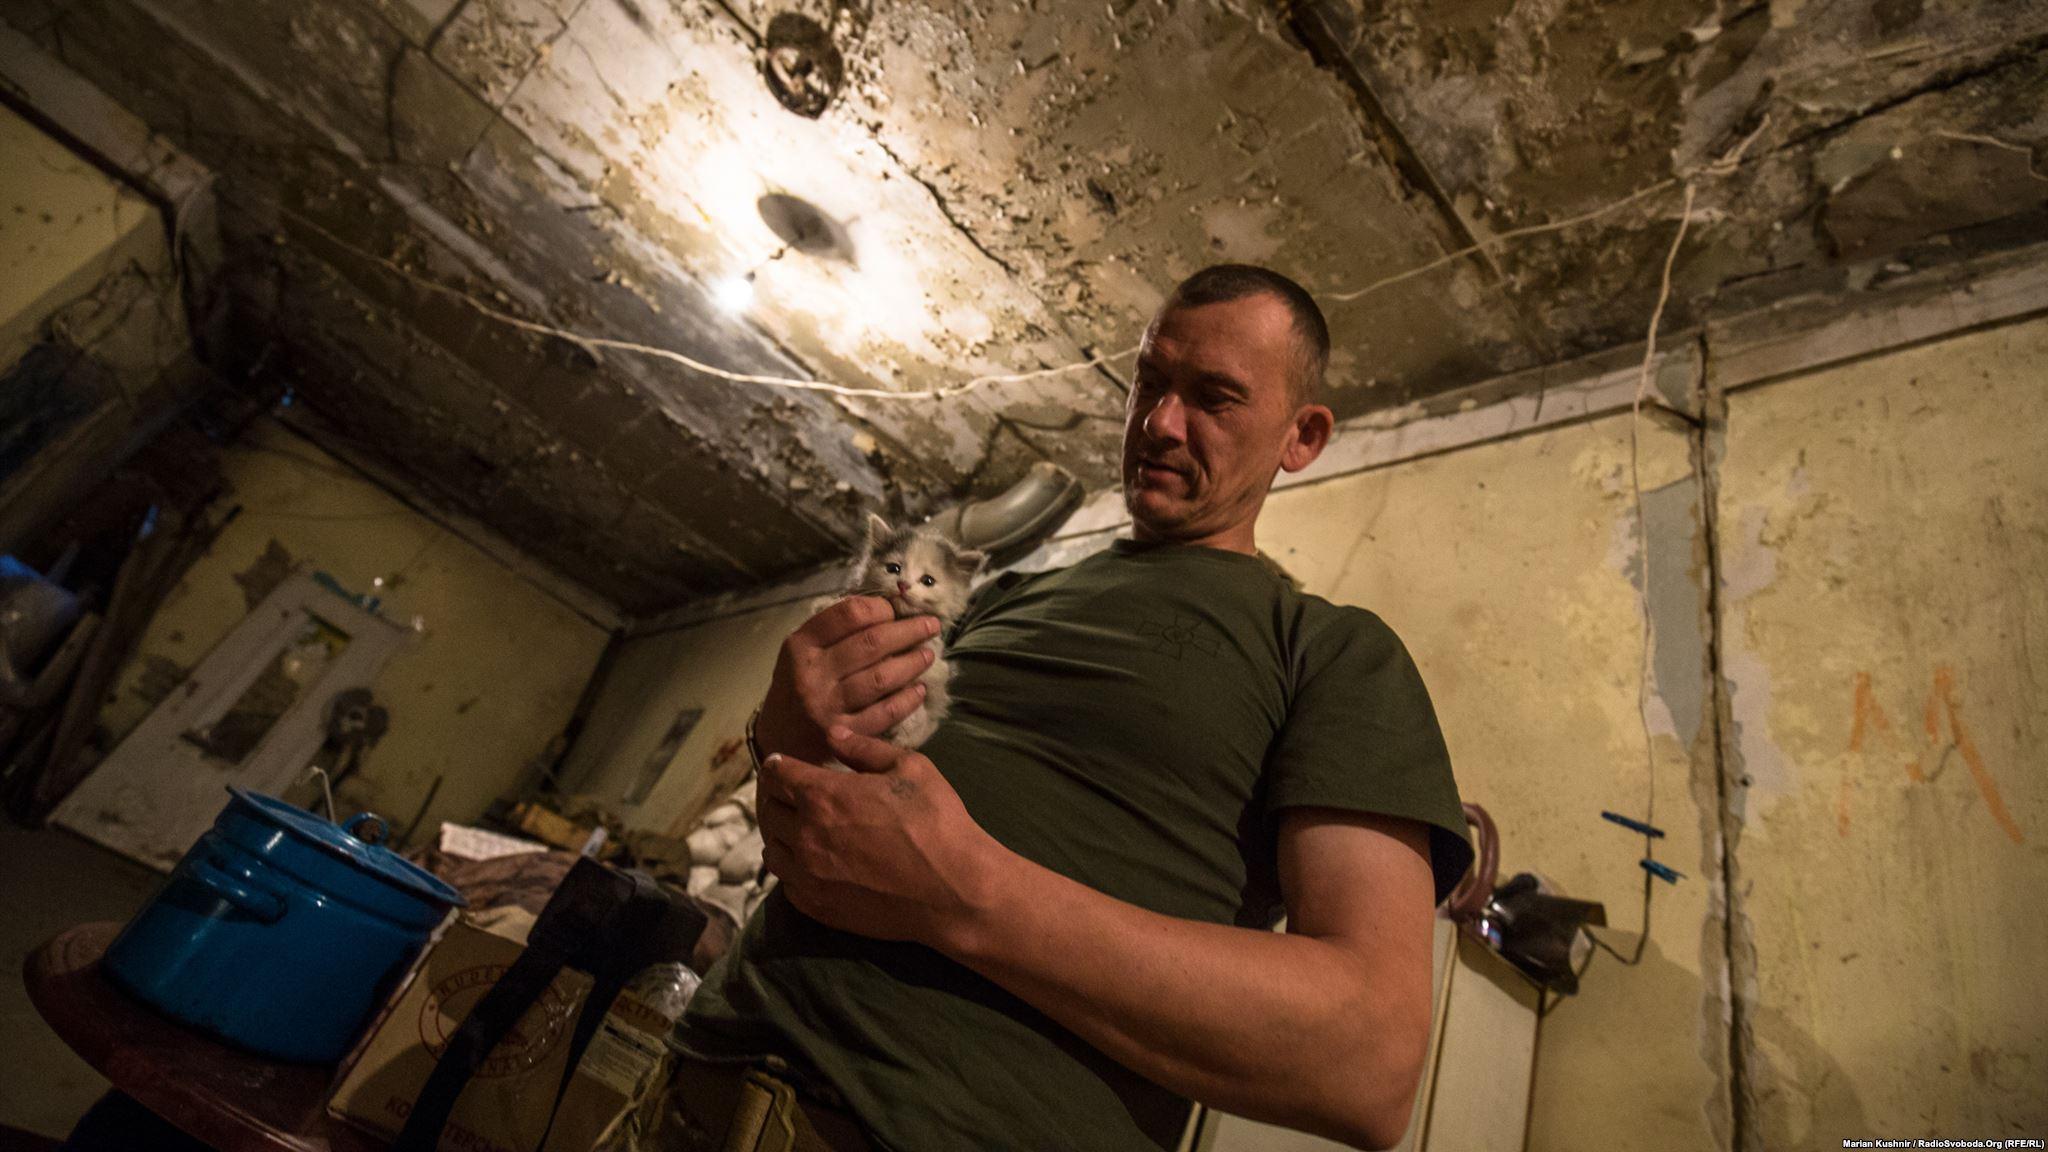 Вояк з позивним «Колесо» показує нам одне з нещодавно народжених кошенят. Ці позиції «котячі», тут майже немає собак. Ще розповів, як нещодавно снайперська куля влучила прямісінько в цівку його кулемета. Результат – перебита цівка, зброя вийшла з ладу. Солдат тішиться: «Вчасно відійшов із лінії вогню і залишився живим» (ukraine conflict photographer Andriy Dubchak)